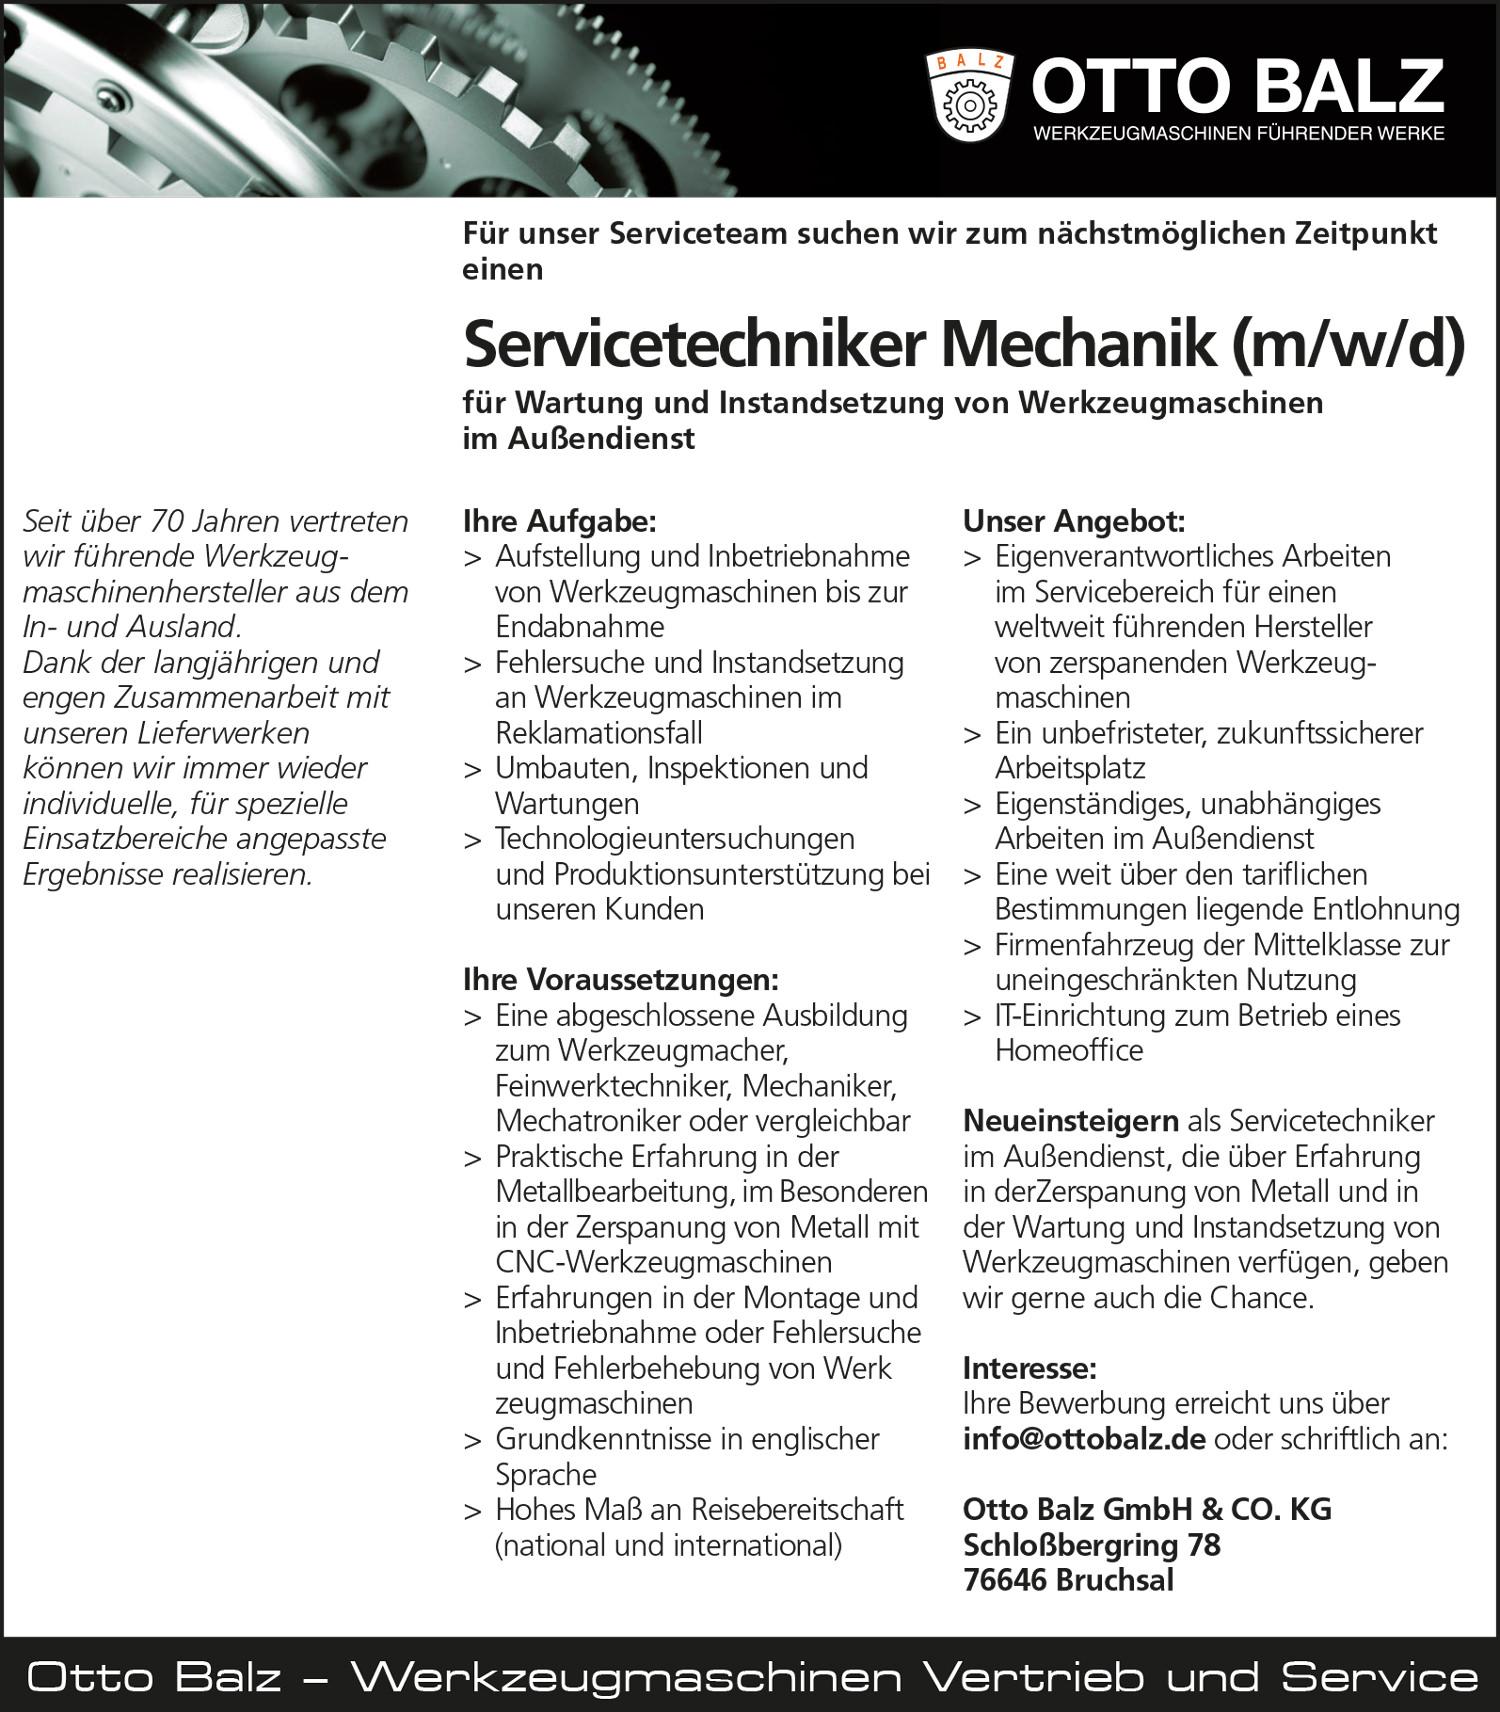 Balz-Stellenanzeige_Servicetechniker-Mechanik